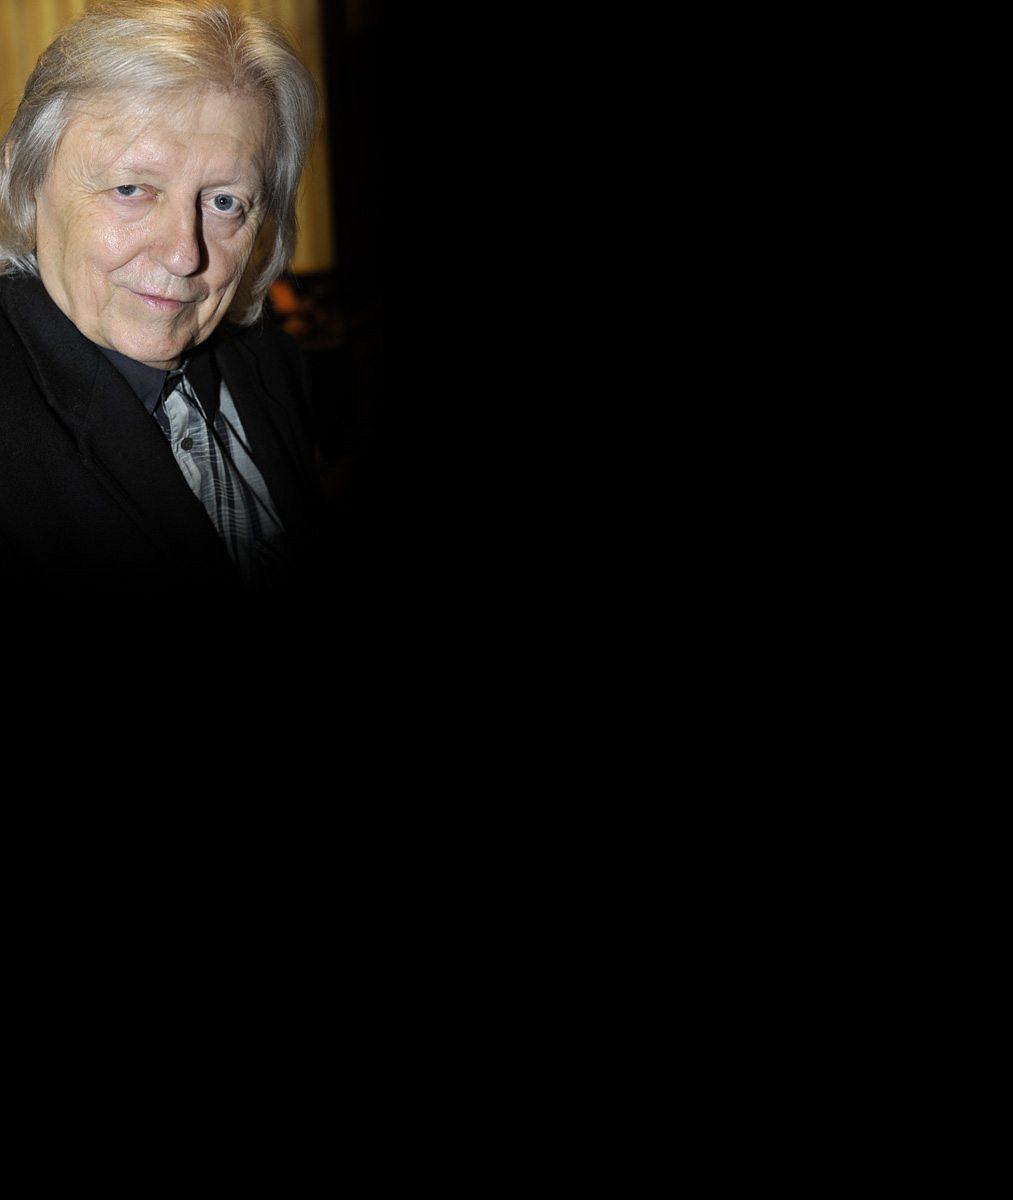 Populární zpěvák Václav Neckář promluvil o tom, co ho drží při životě